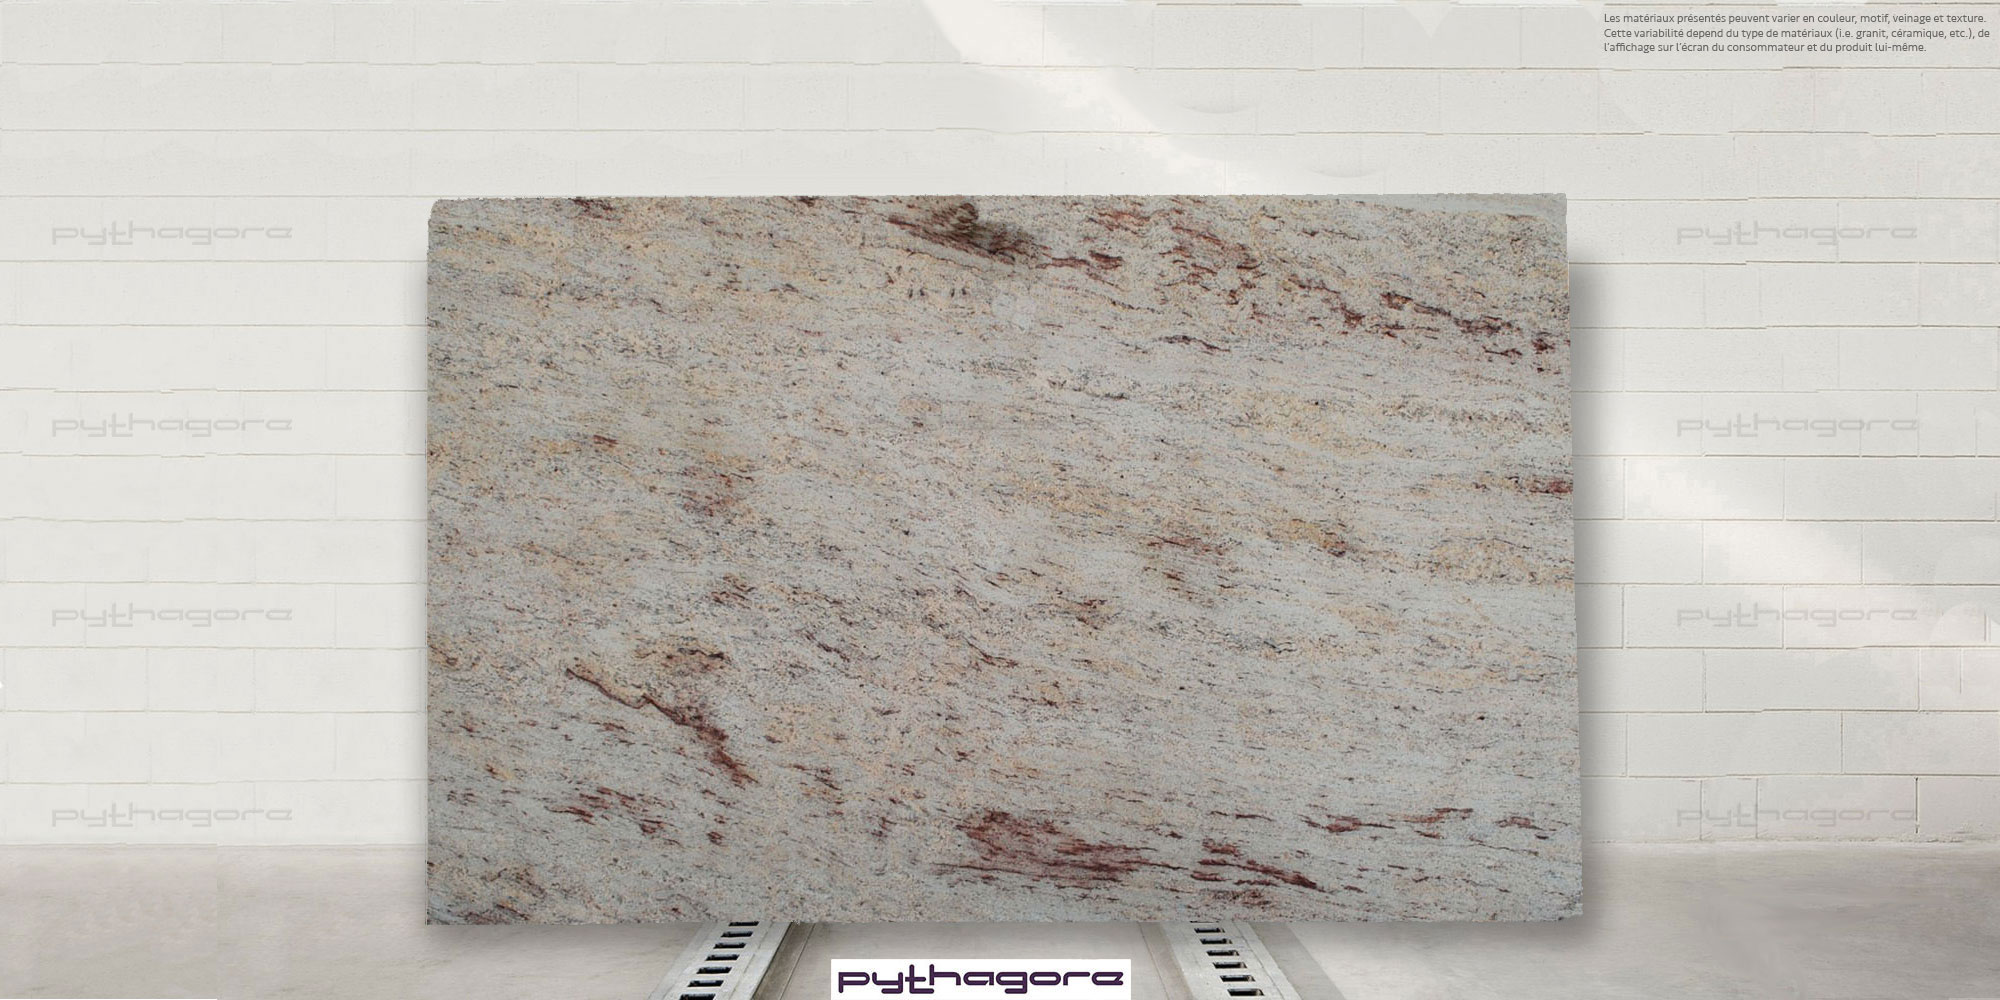 Plan De Travail Granit Beige shiva - marbrerie pythagore - plan de travail - agencement